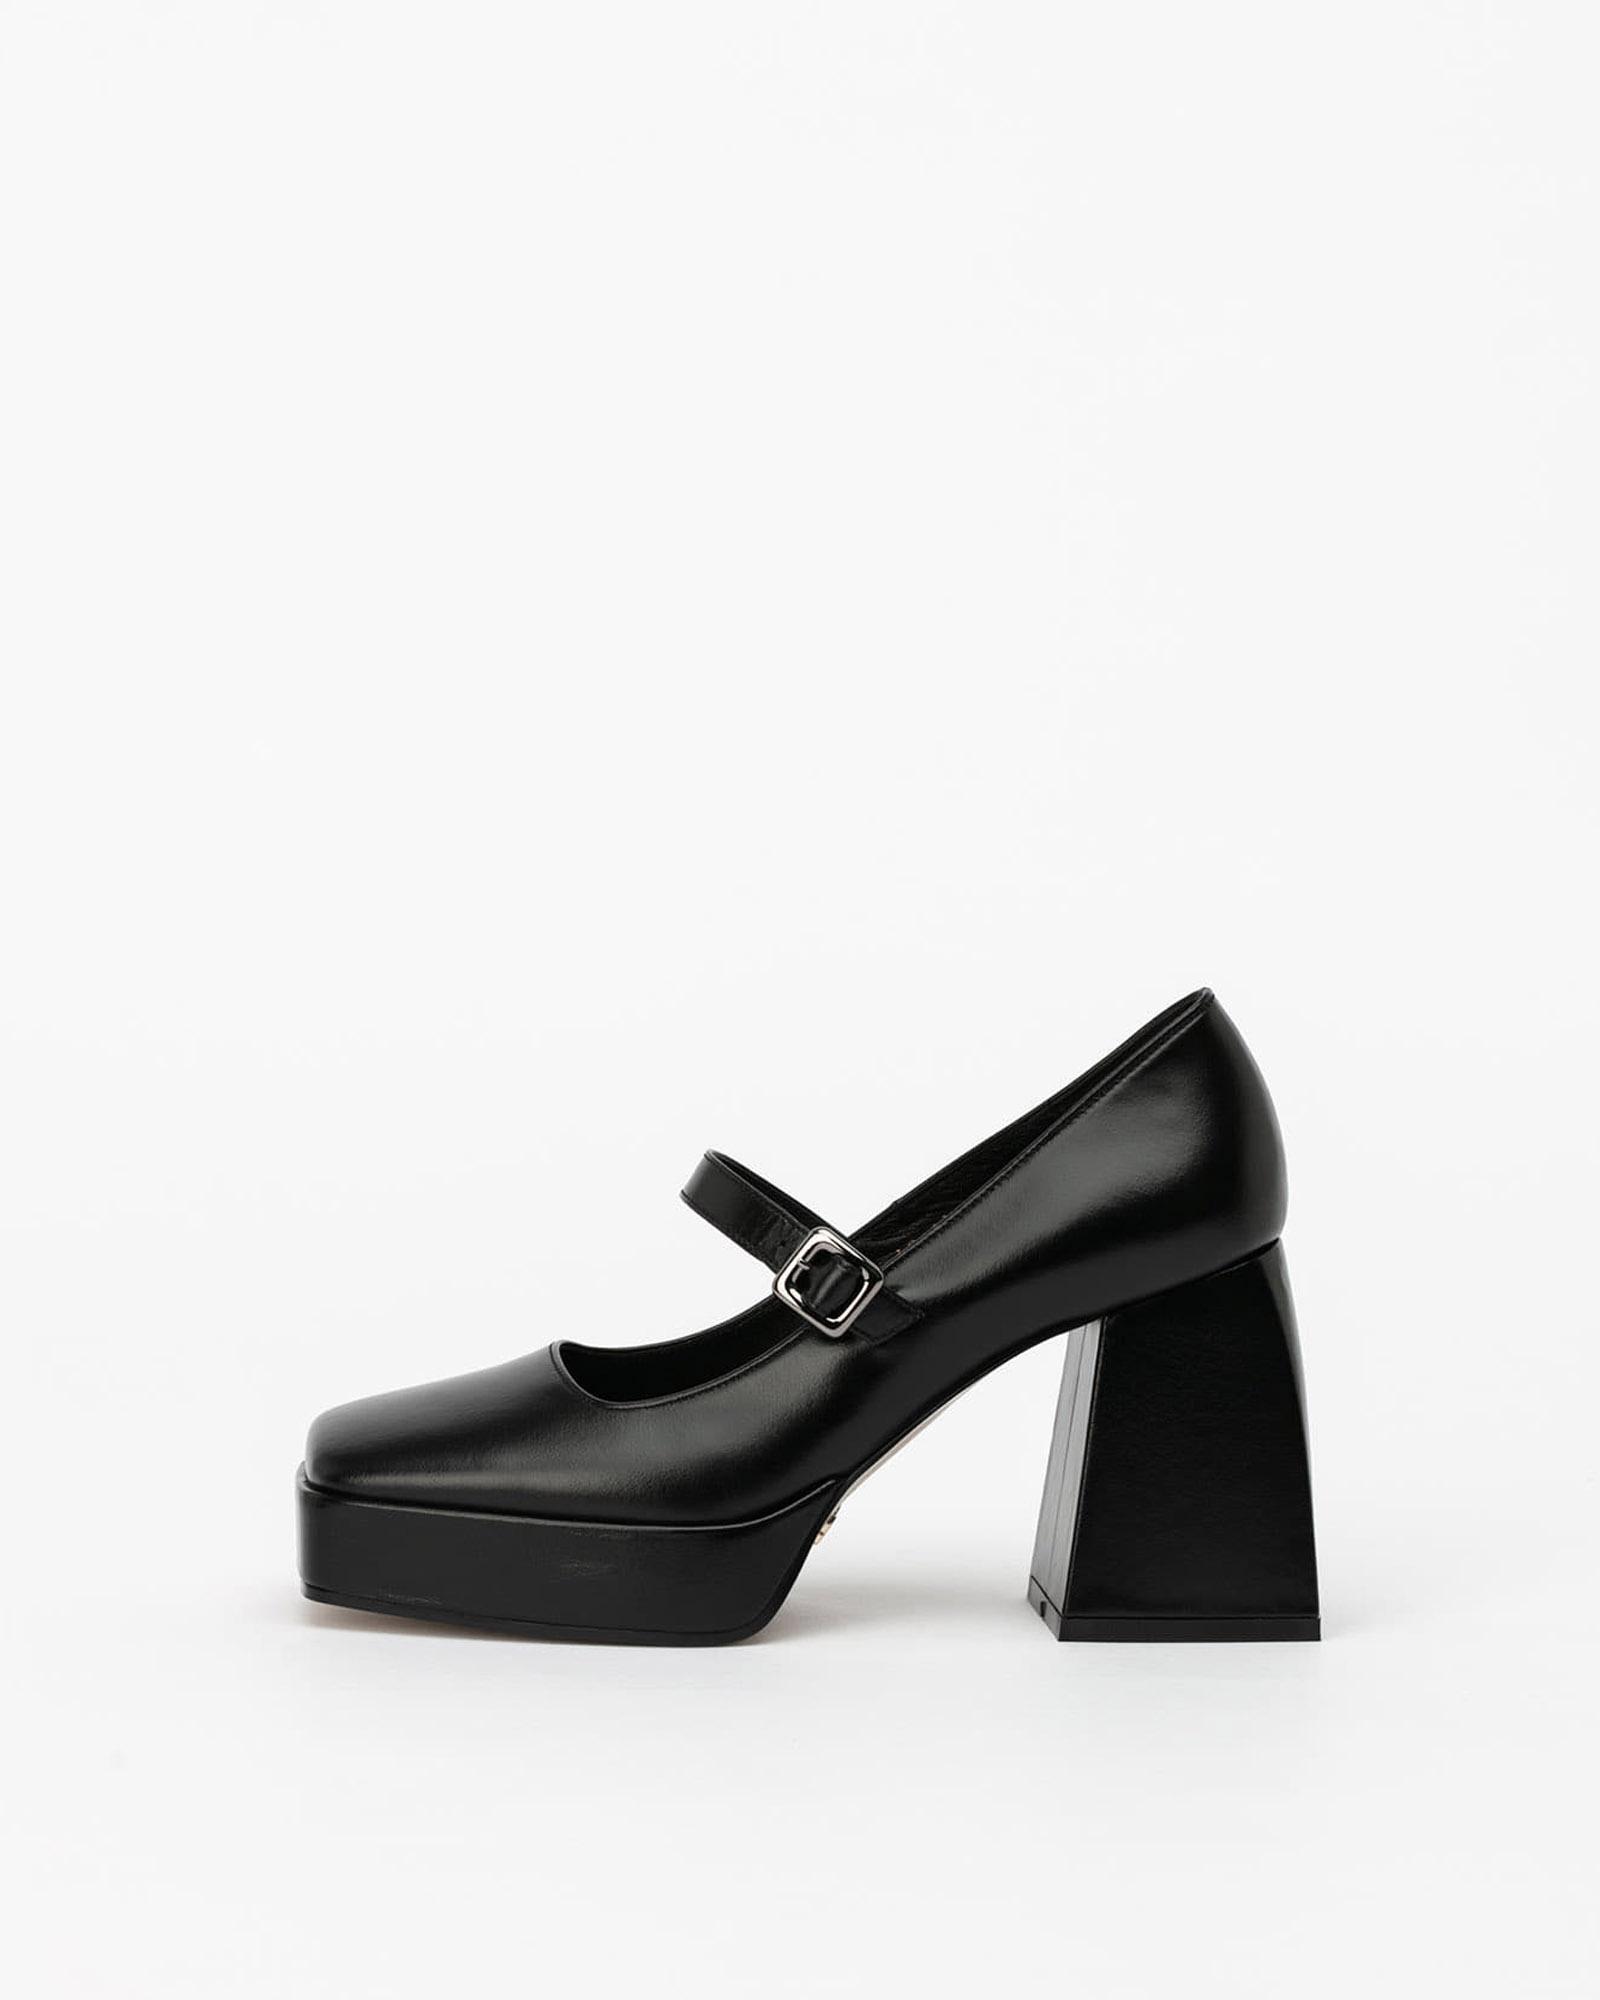 Catus Maryjane Pumps in Black